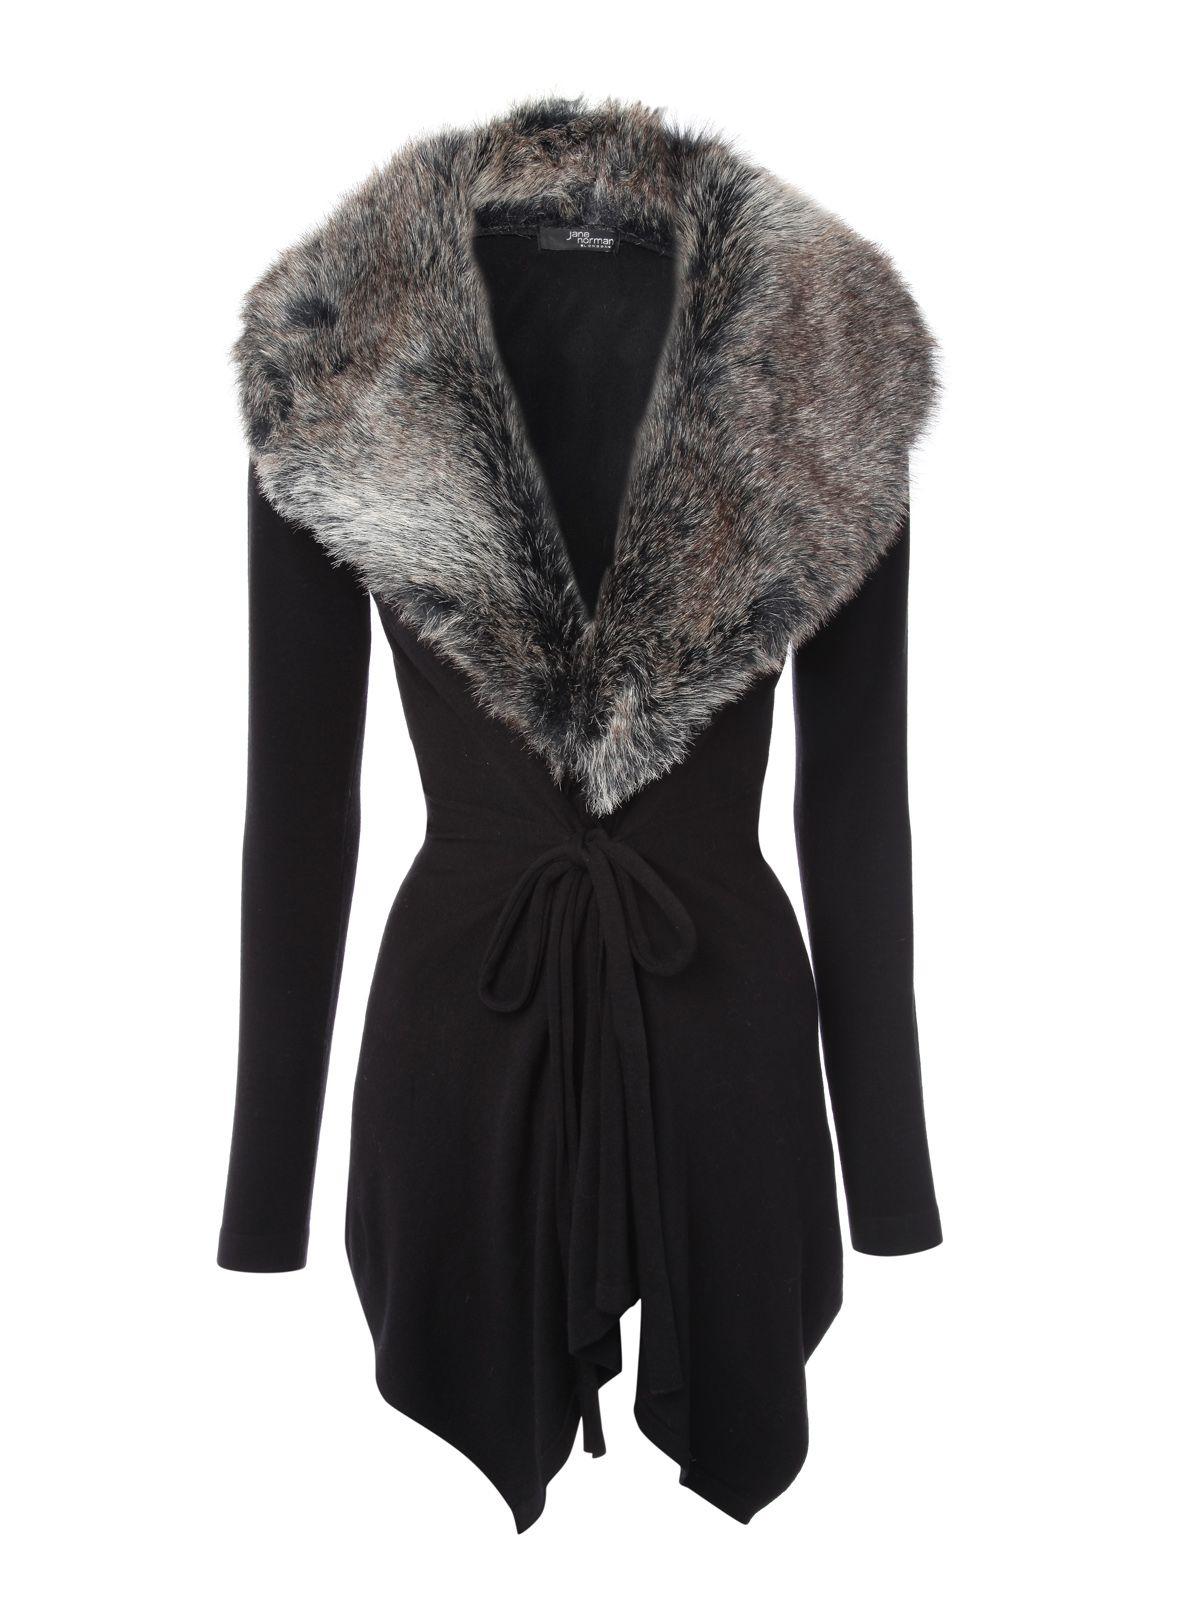 商品詳細; 商品名 Alfani レディース sweater 送料無料 Deep Black Petite Faux-Fur Trim Cardigan Created for Macy's 商品説明 Shawl collar; open front Faux-fur trim at hem Hits below hip Created for Macy's Designed to fit and flatter 5'4